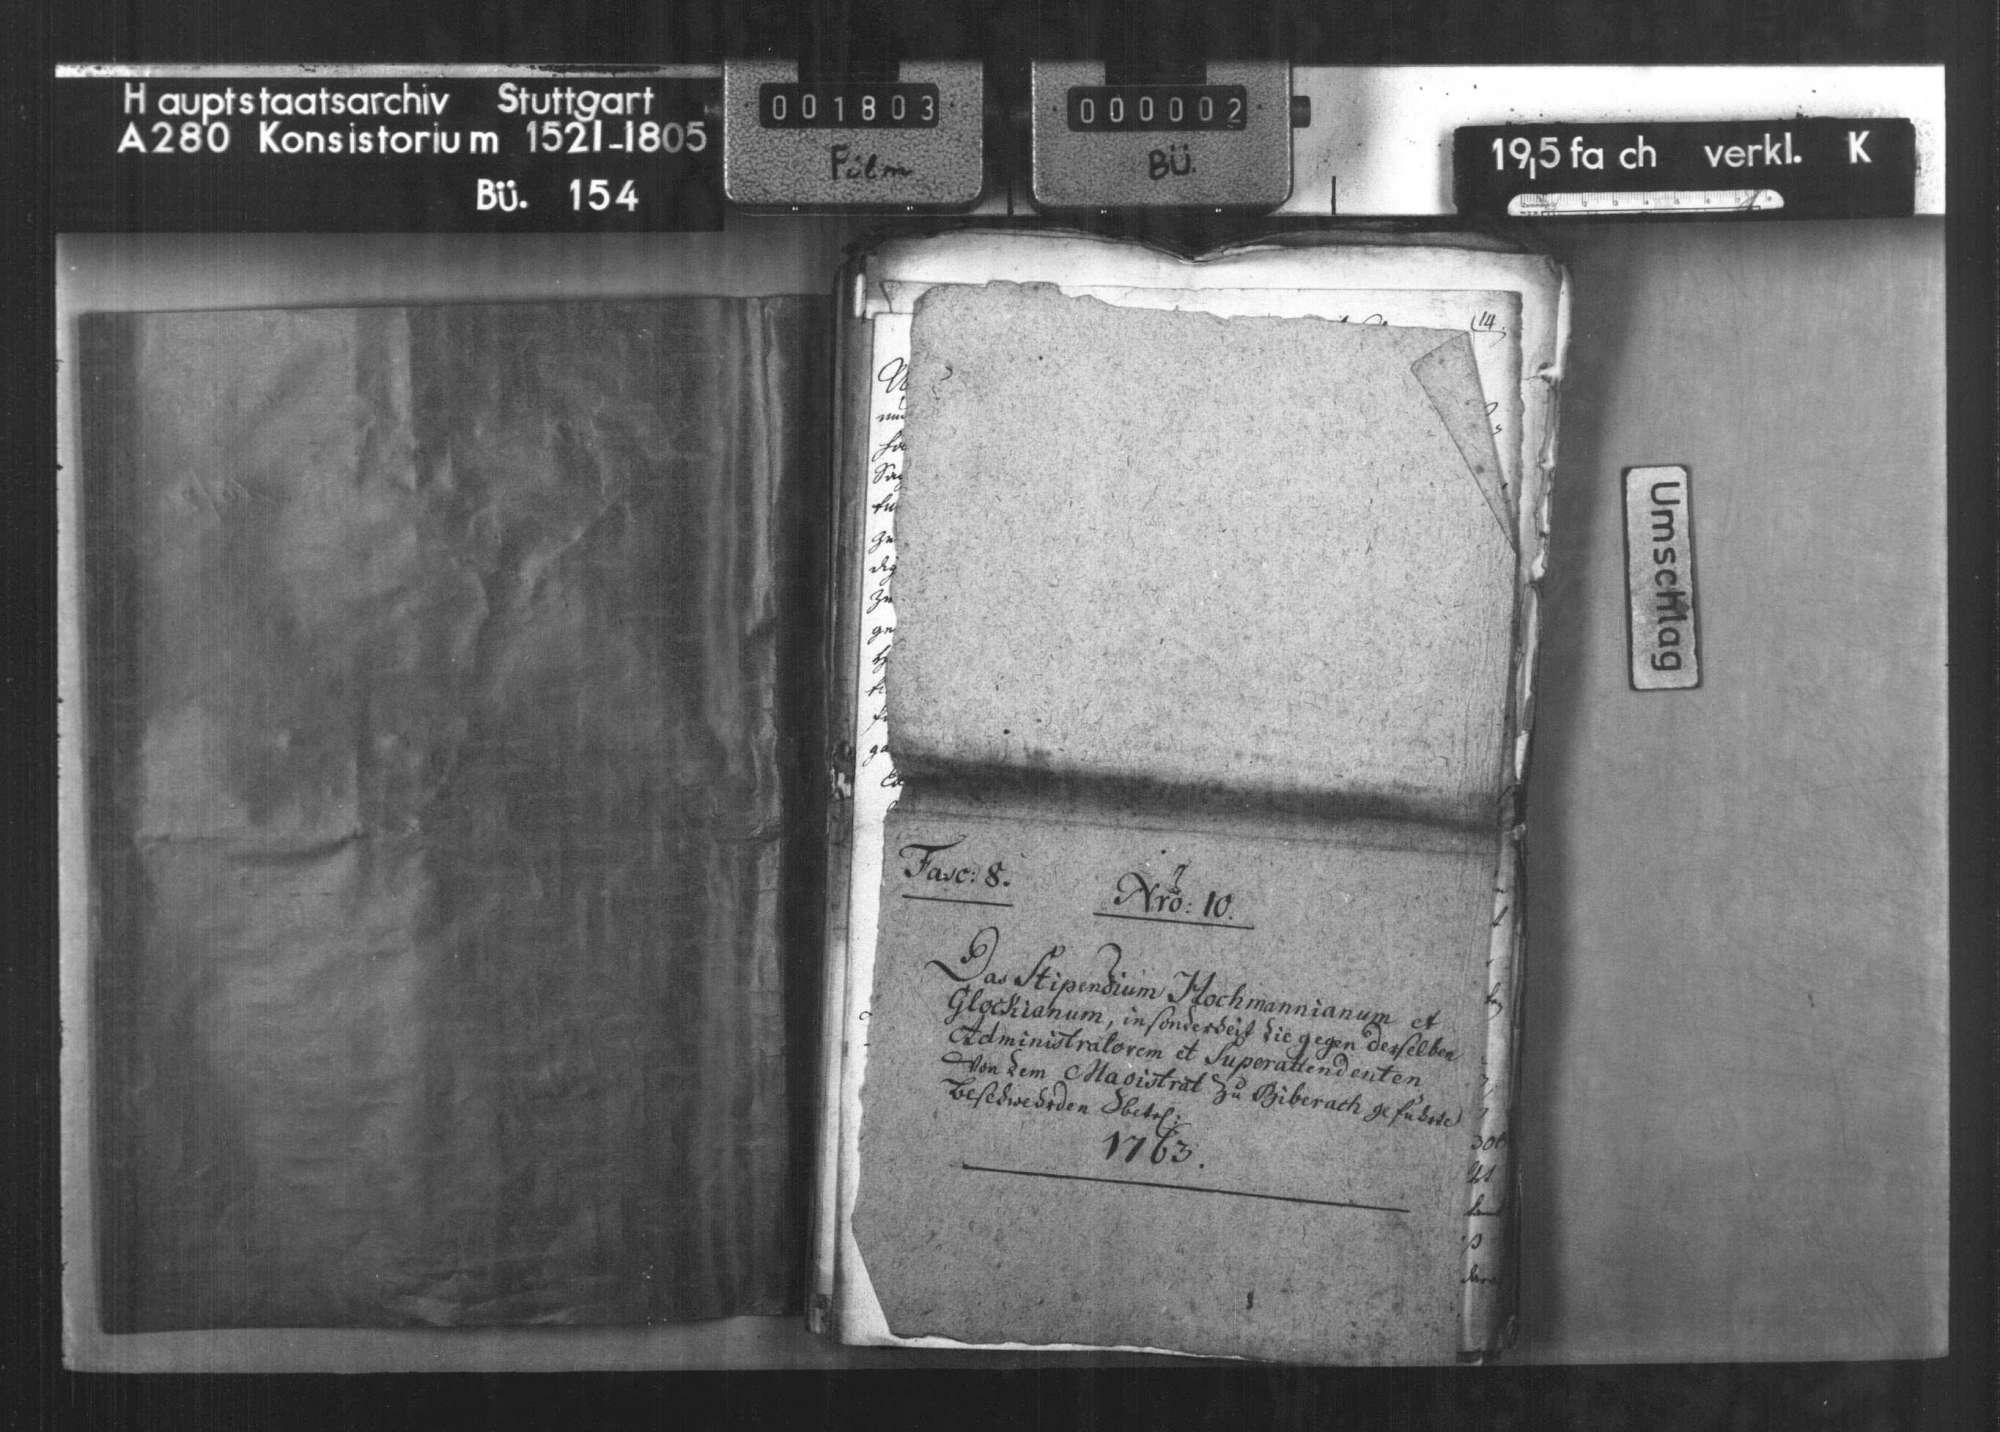 Beschwerde des Magistrats der Reichsstadt Biberach, ev. Anteils, gegen die Verwaltung der Hochmann- und Glock